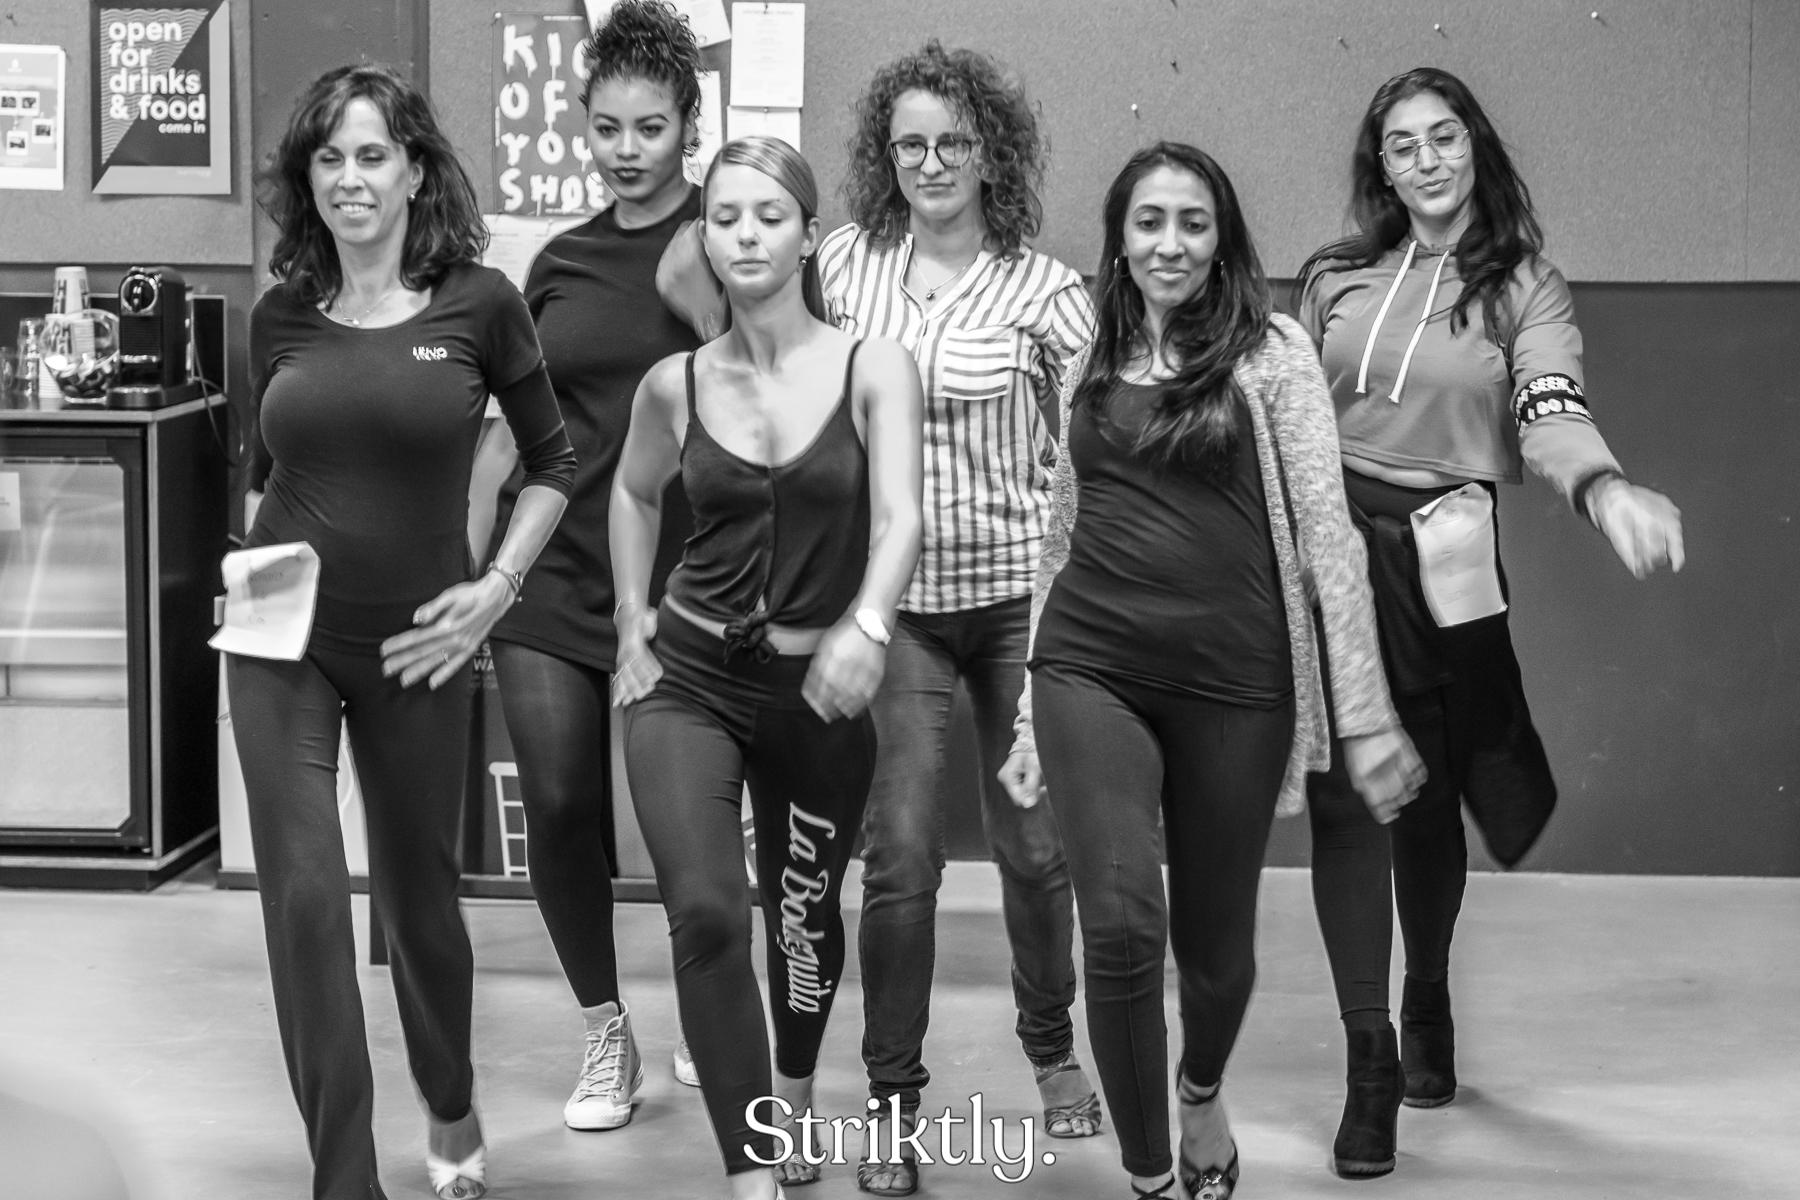 Striktly Dancewear - Dancewalk practice